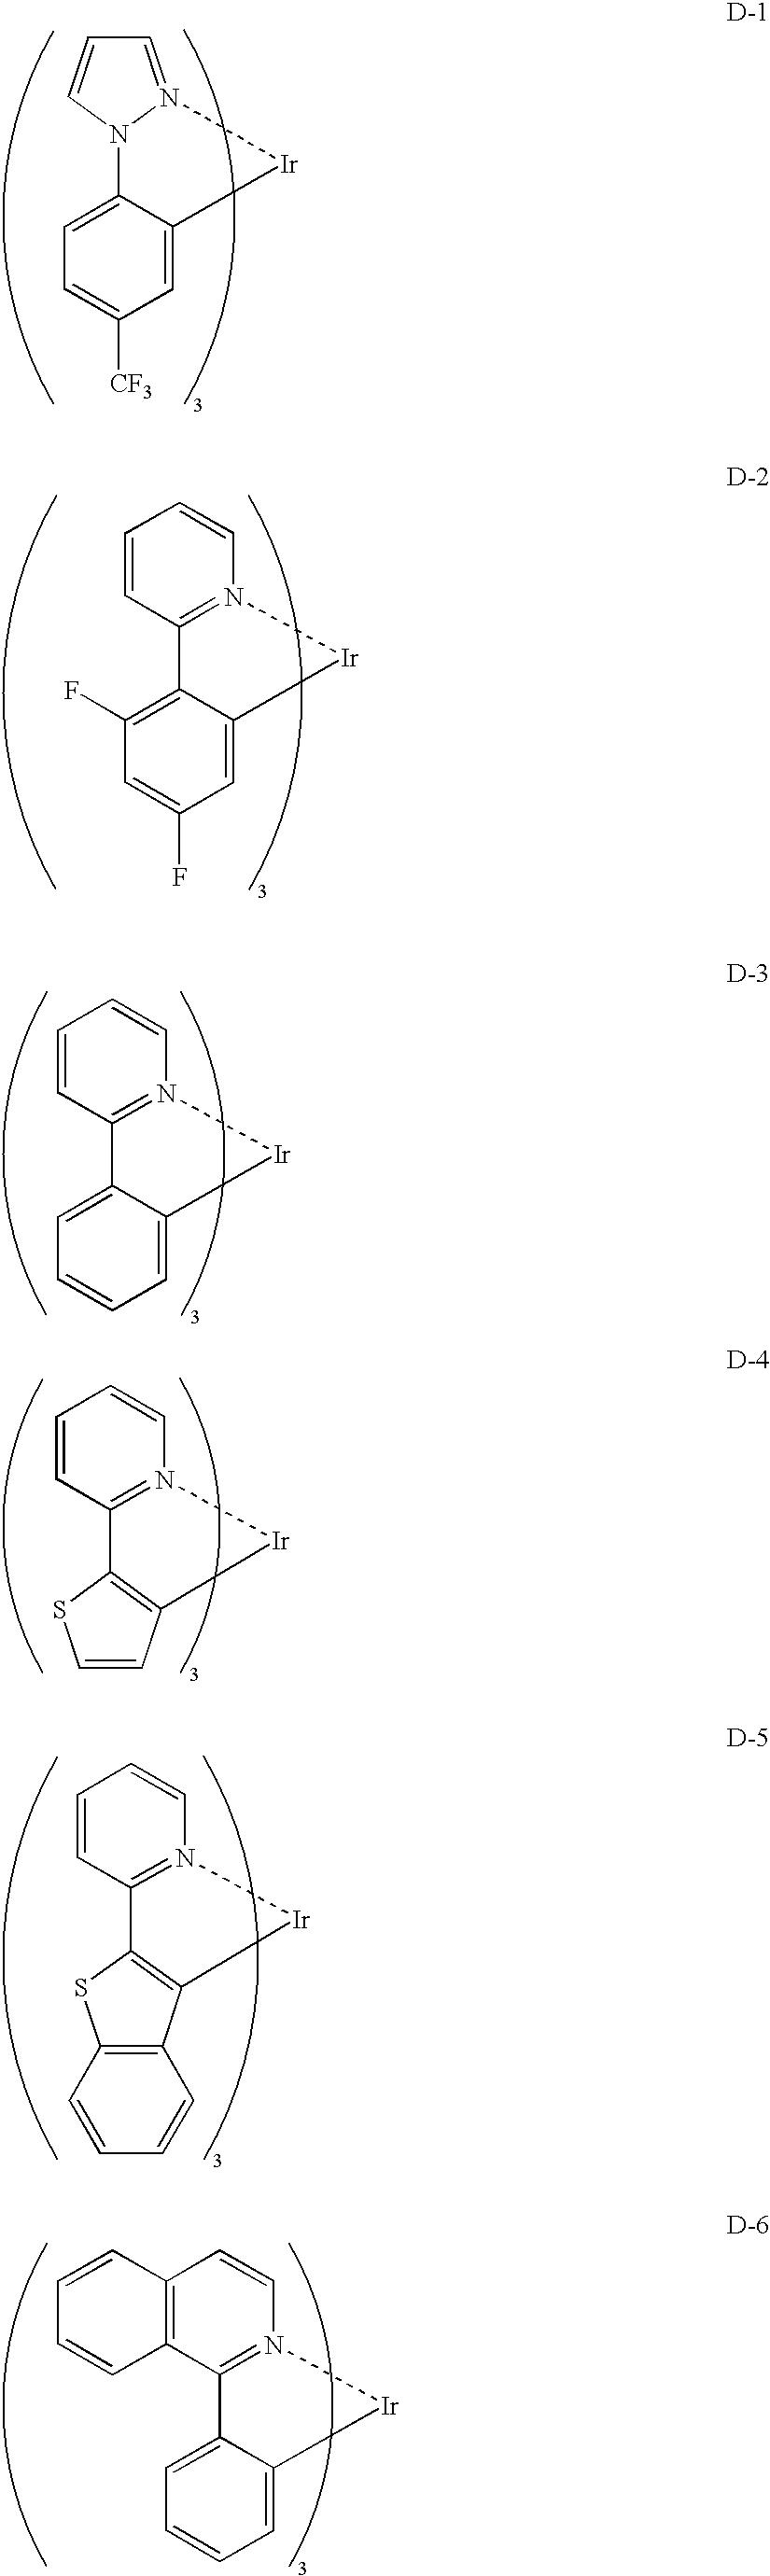 Figure US20060134464A1-20060622-C00029